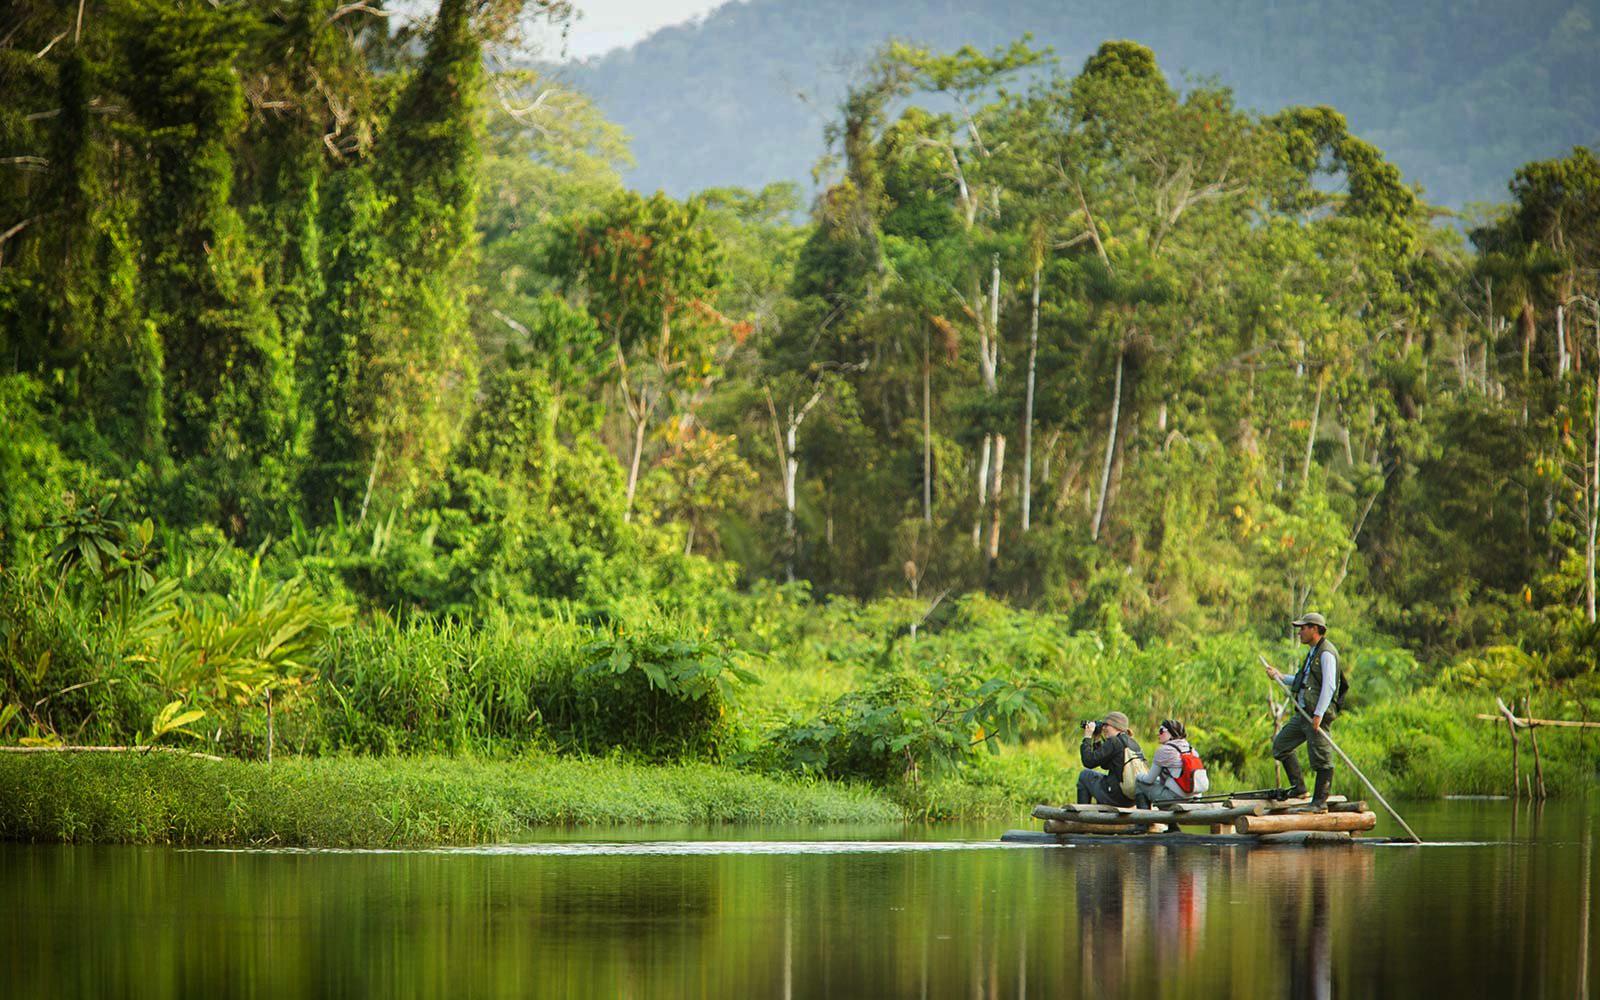 turistas en barcaza en el parque nacional del manu